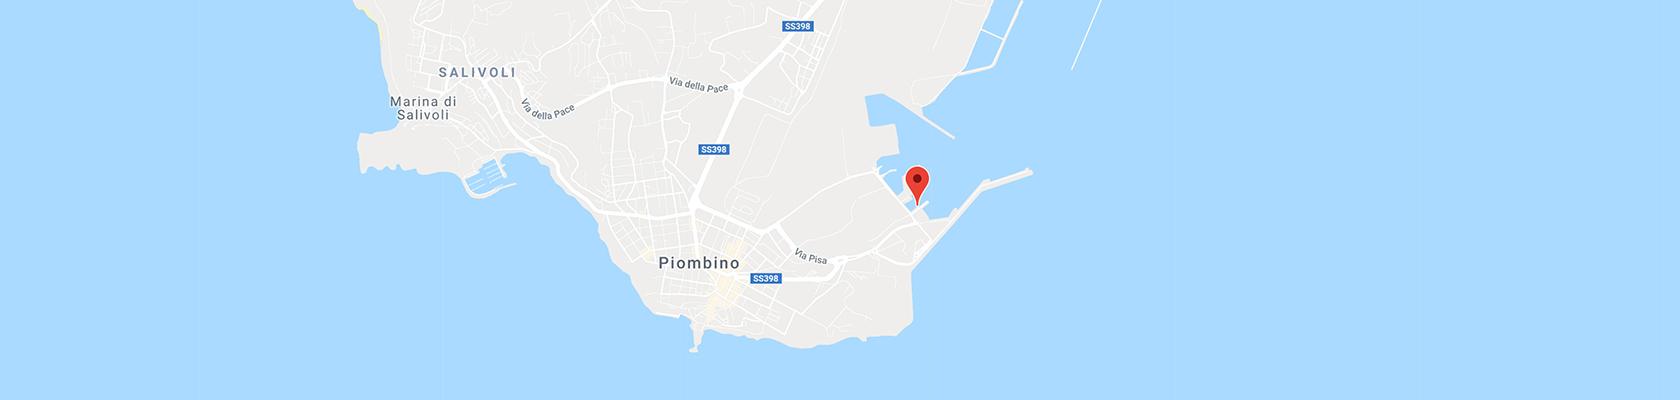 Insel Elba Karte.Hafen Von Piombino Fähren Adresse Kontakte Und Parkplätze